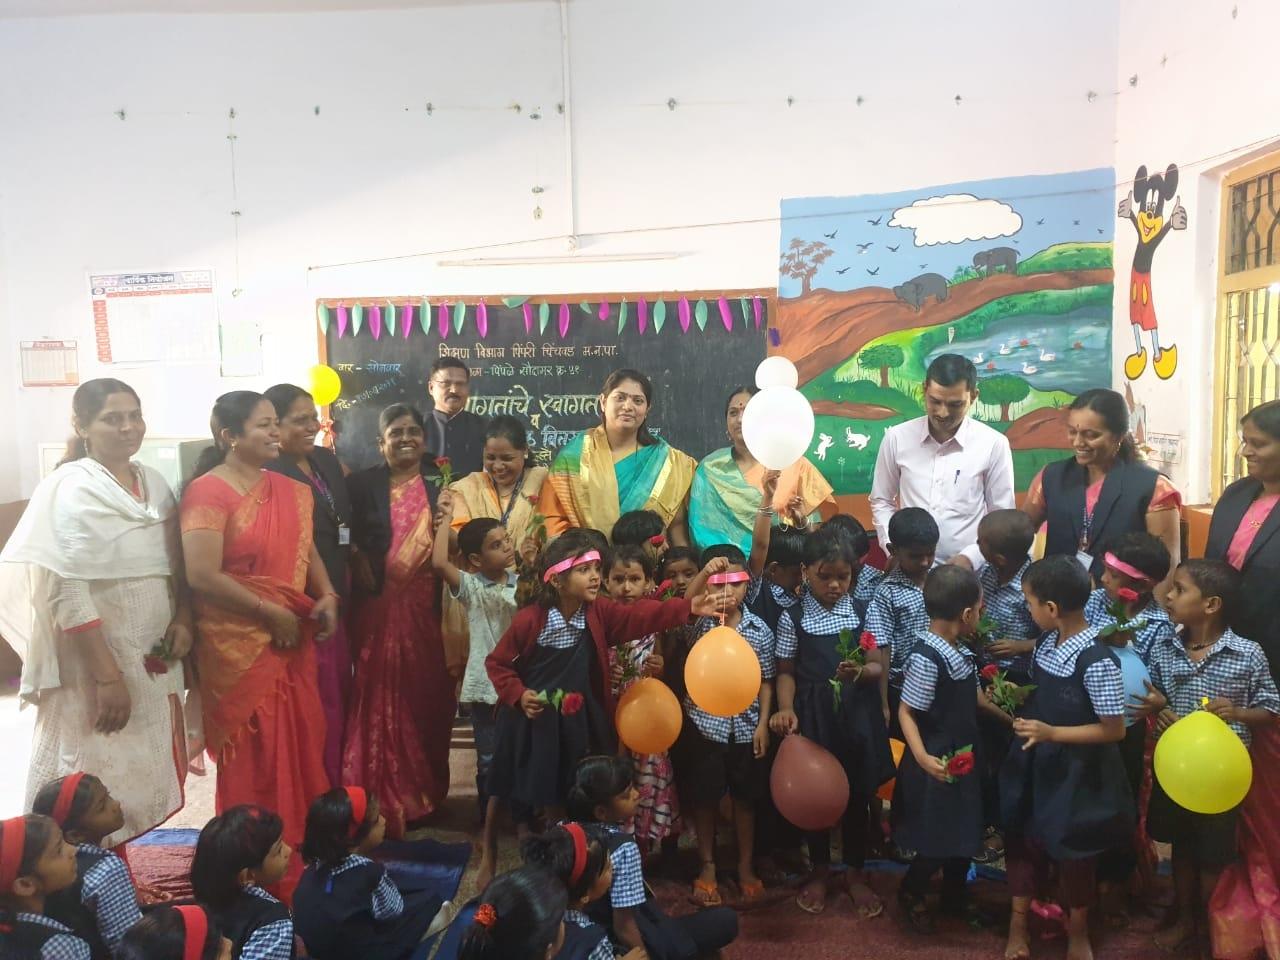 पिंपळे सौदागरमधील शाळेत मोठ्या उत्साहात विद्यार्थ्यांचे स्वागत